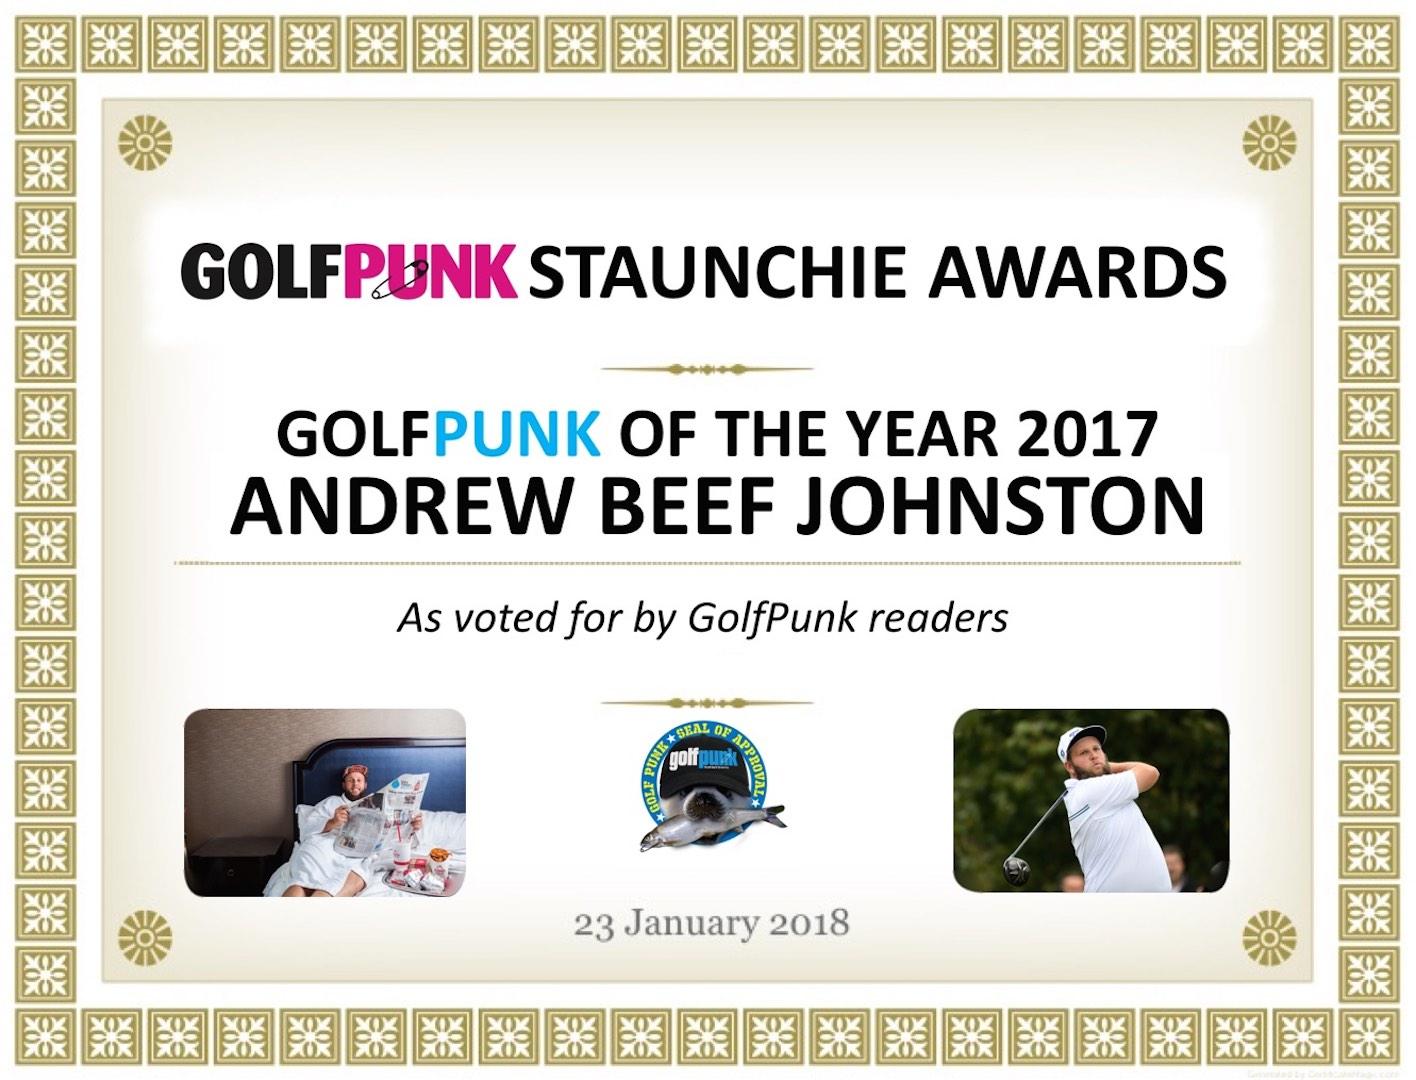 GP Staunchie Reader Awards Part 2